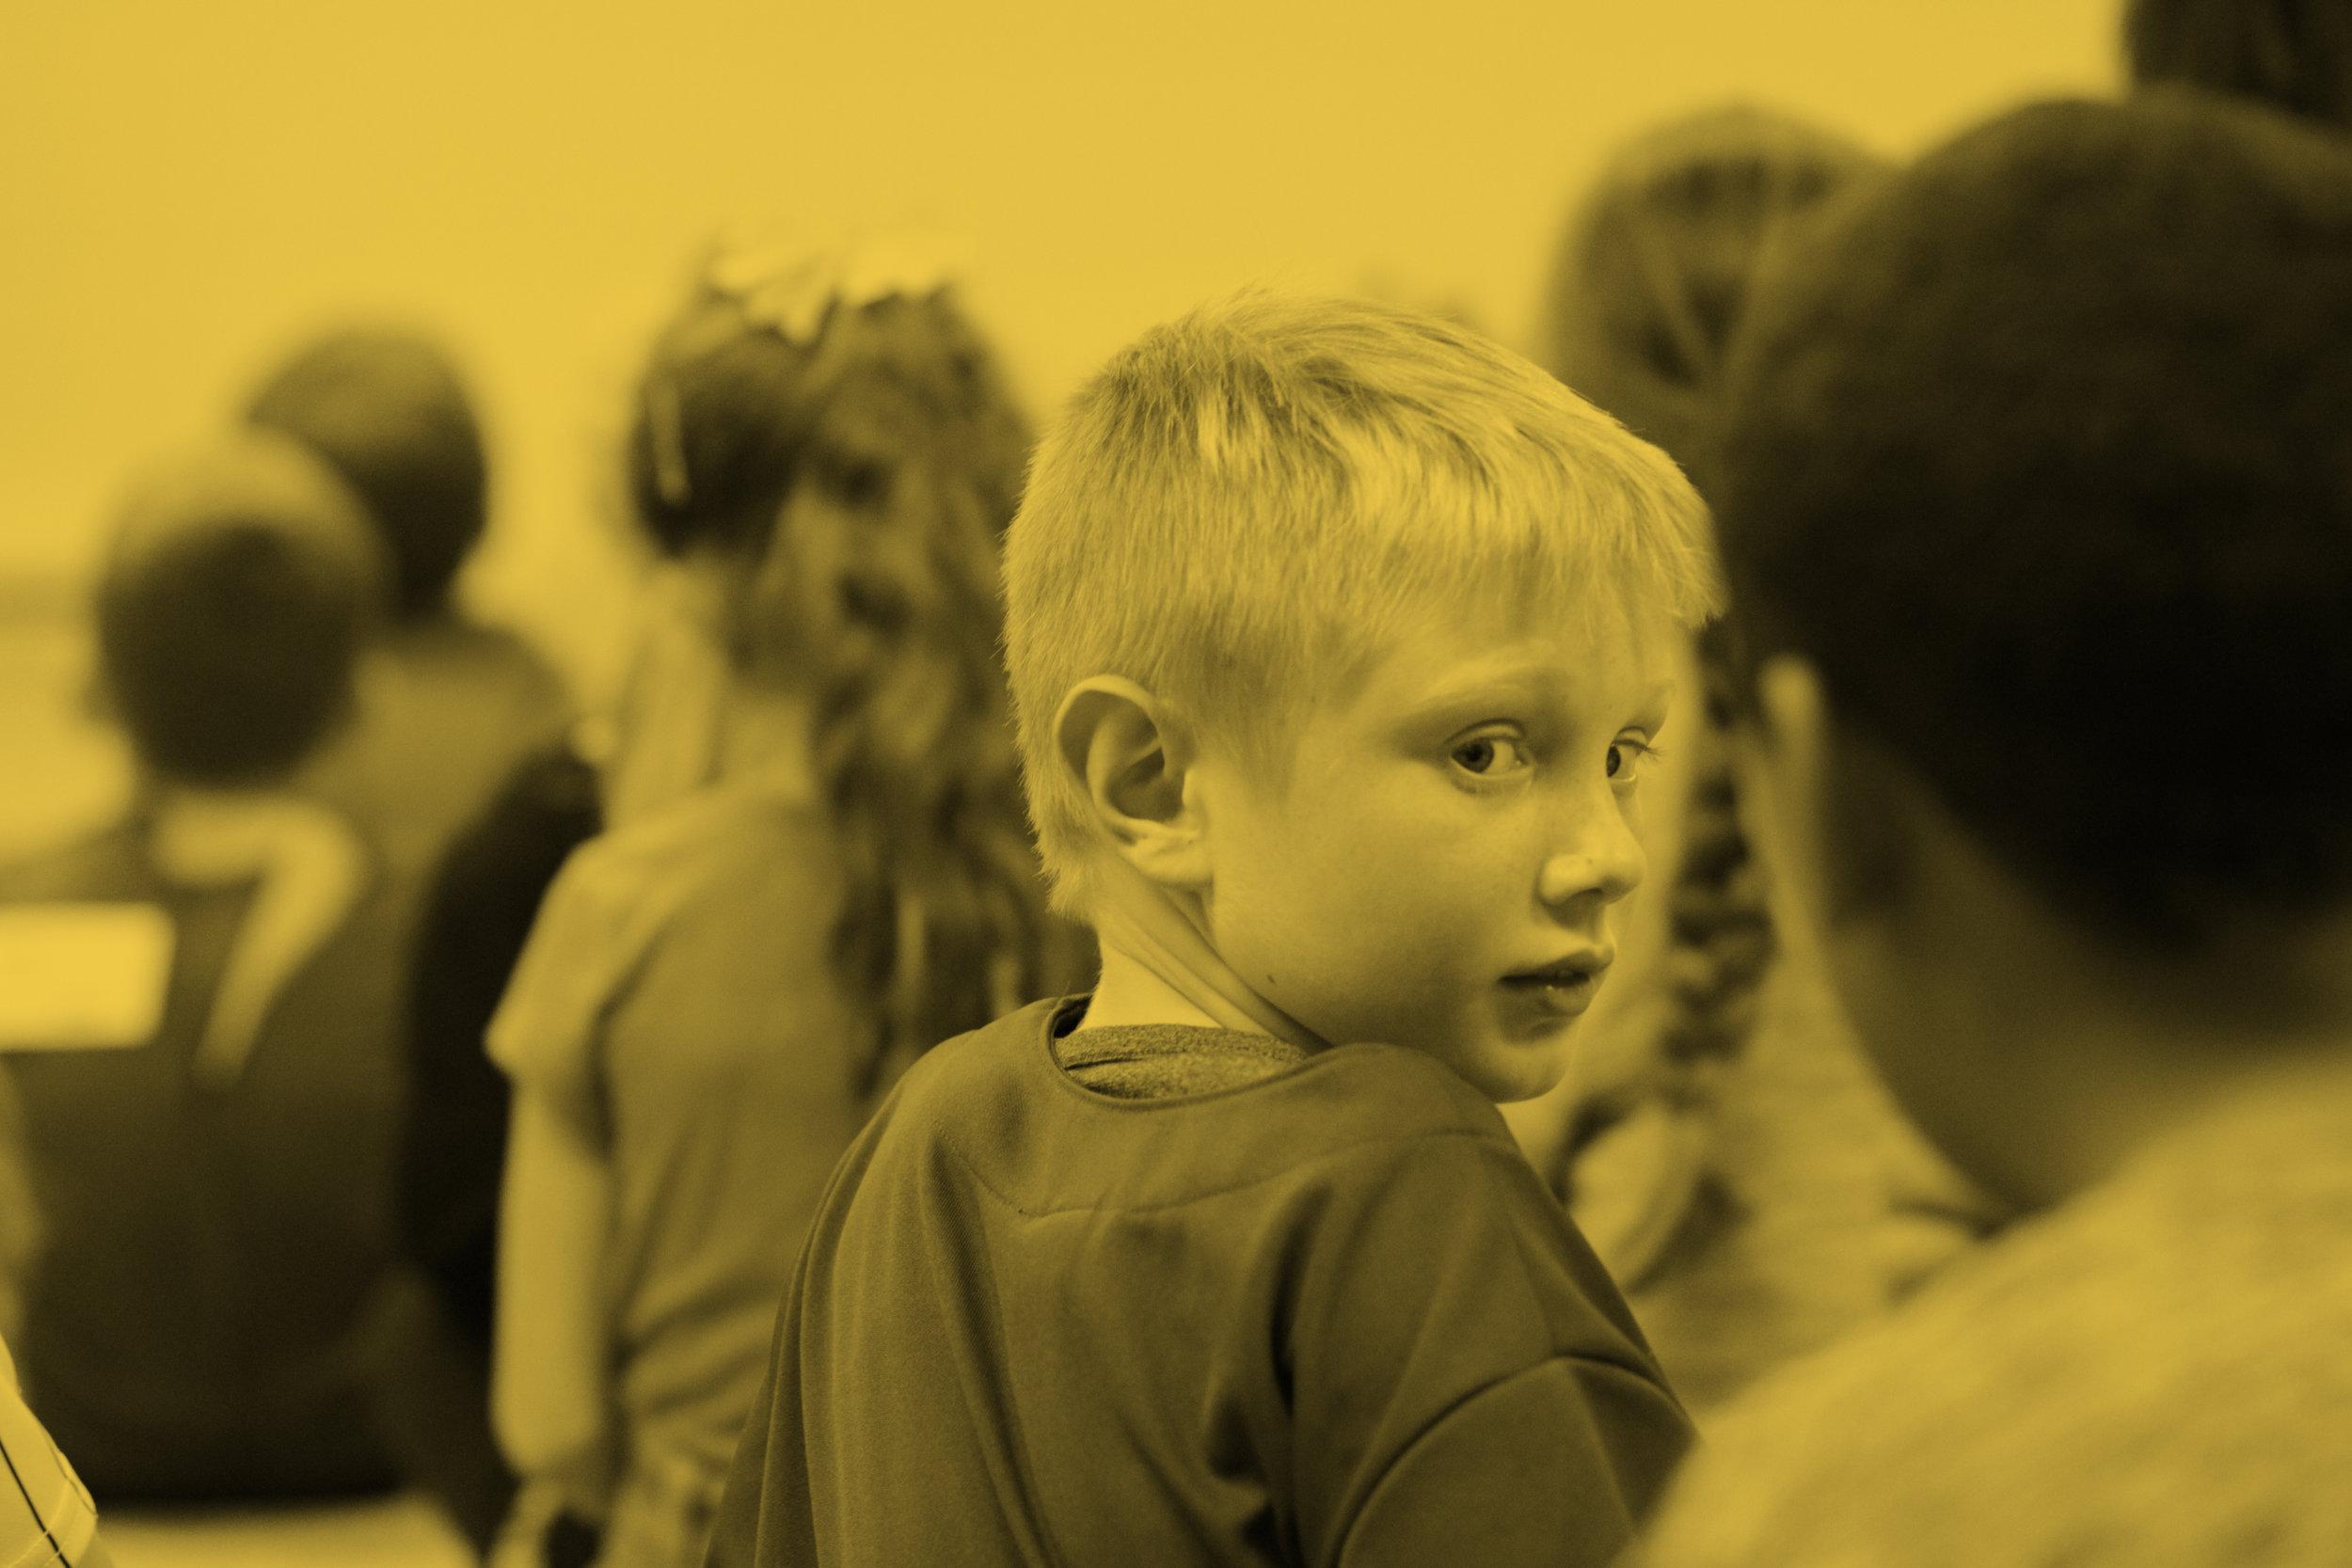 BURLINGTON CAMPUS - Service: 8:30 + 10:30 a.m. | Infants–5th grade550 Division St. Burlington, IA | (319) 237-8400 ext. 201Coordinator: Pamela Maxey